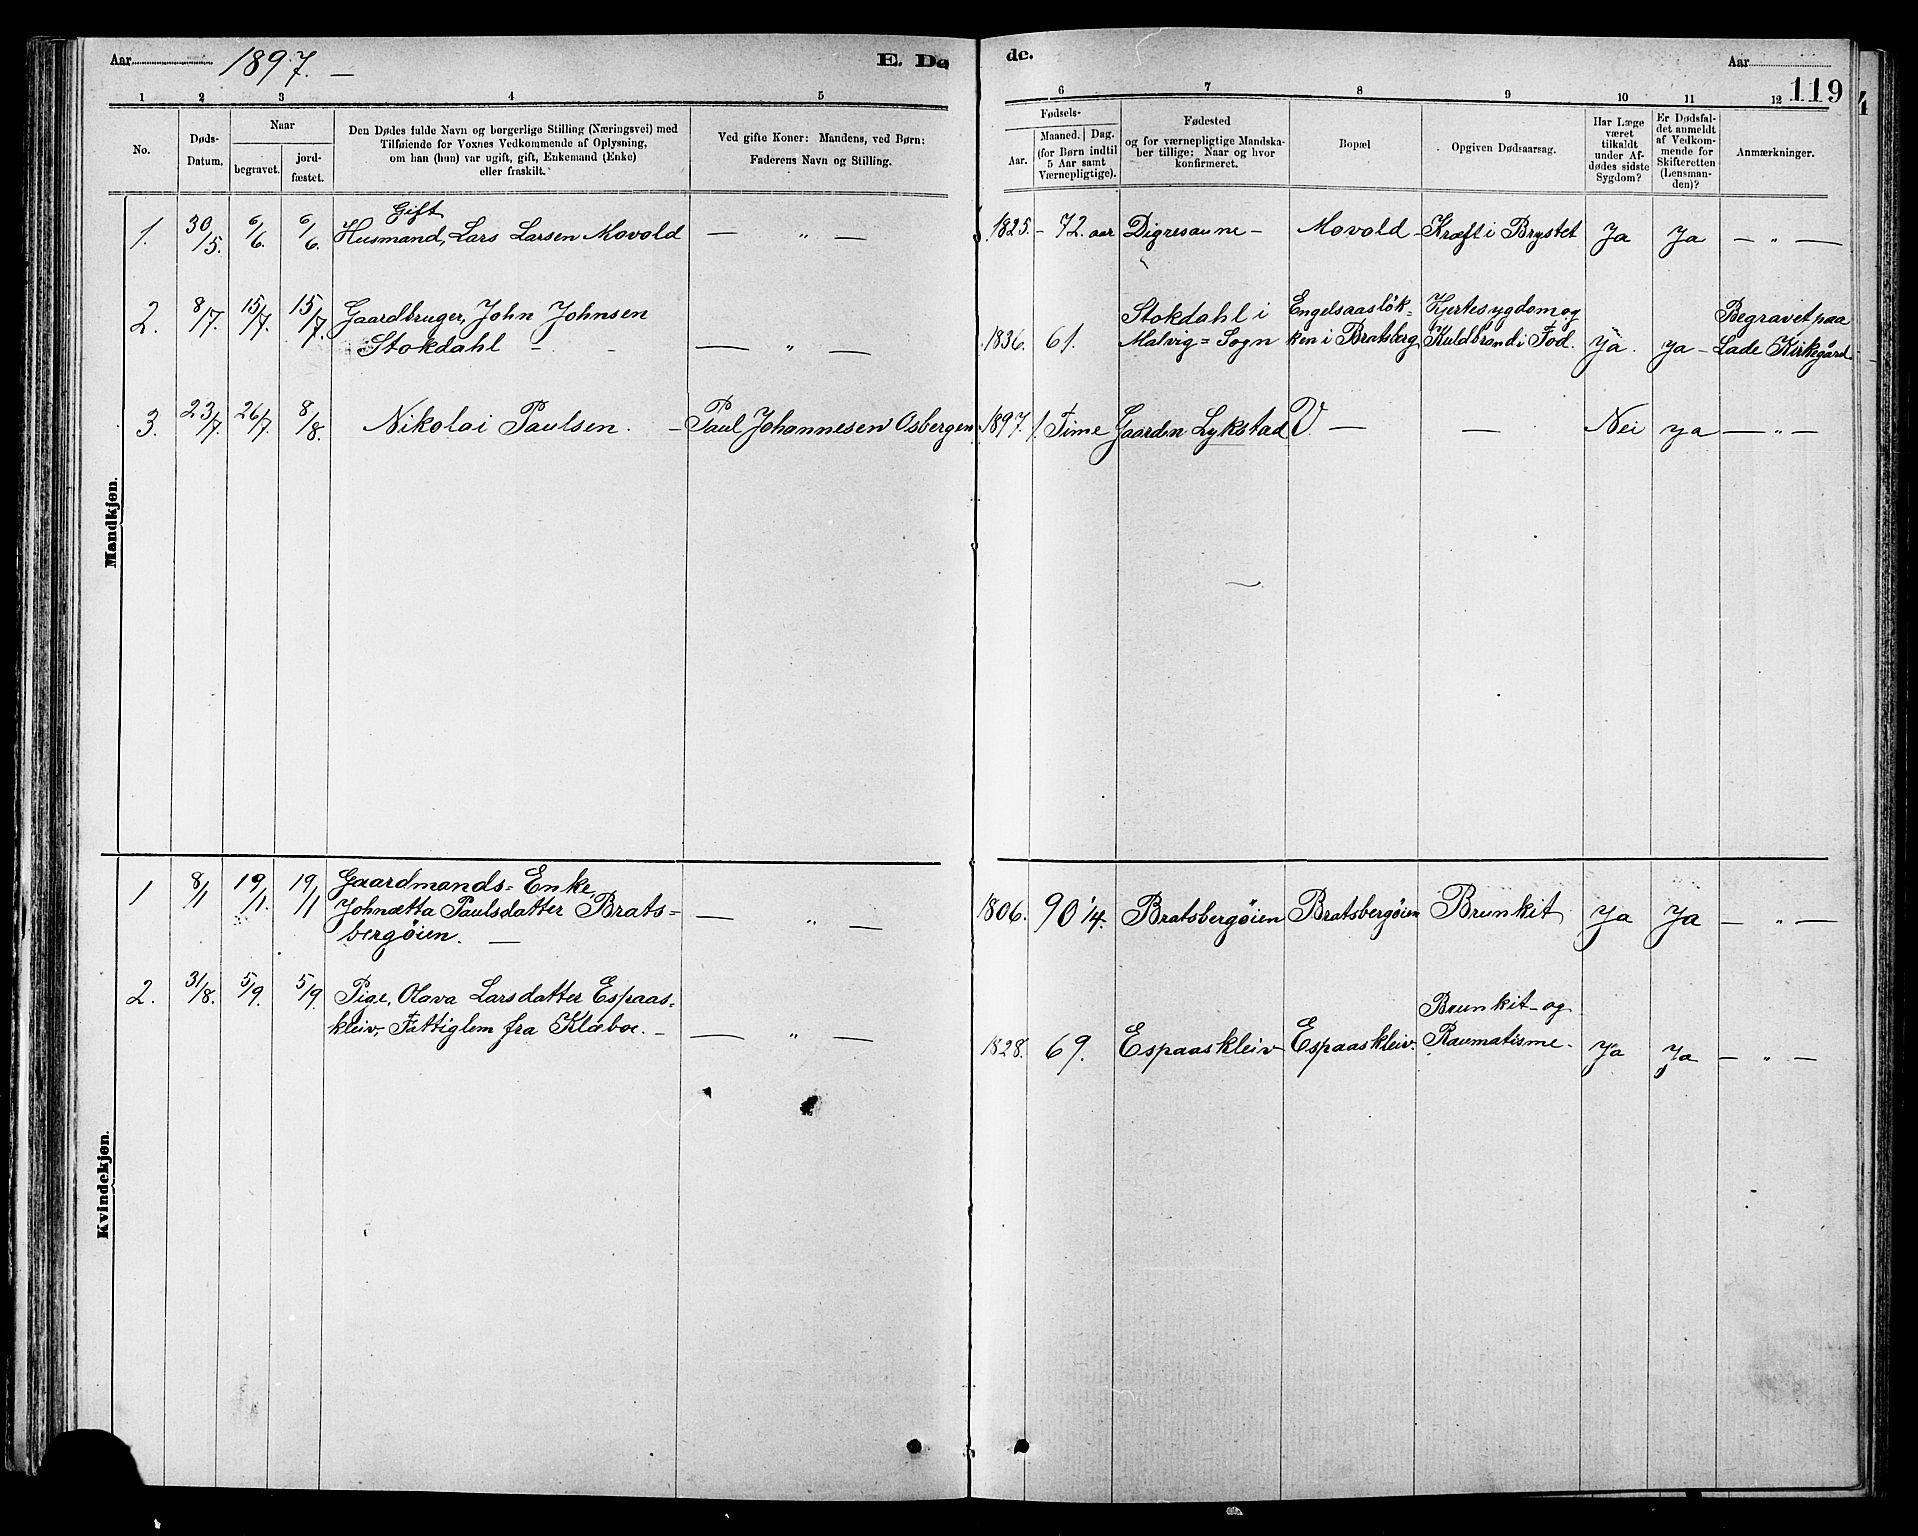 SAT, Ministerialprotokoller, klokkerbøker og fødselsregistre - Sør-Trøndelag, 608/L0341: Klokkerbok nr. 608C07, 1890-1912, s. 119